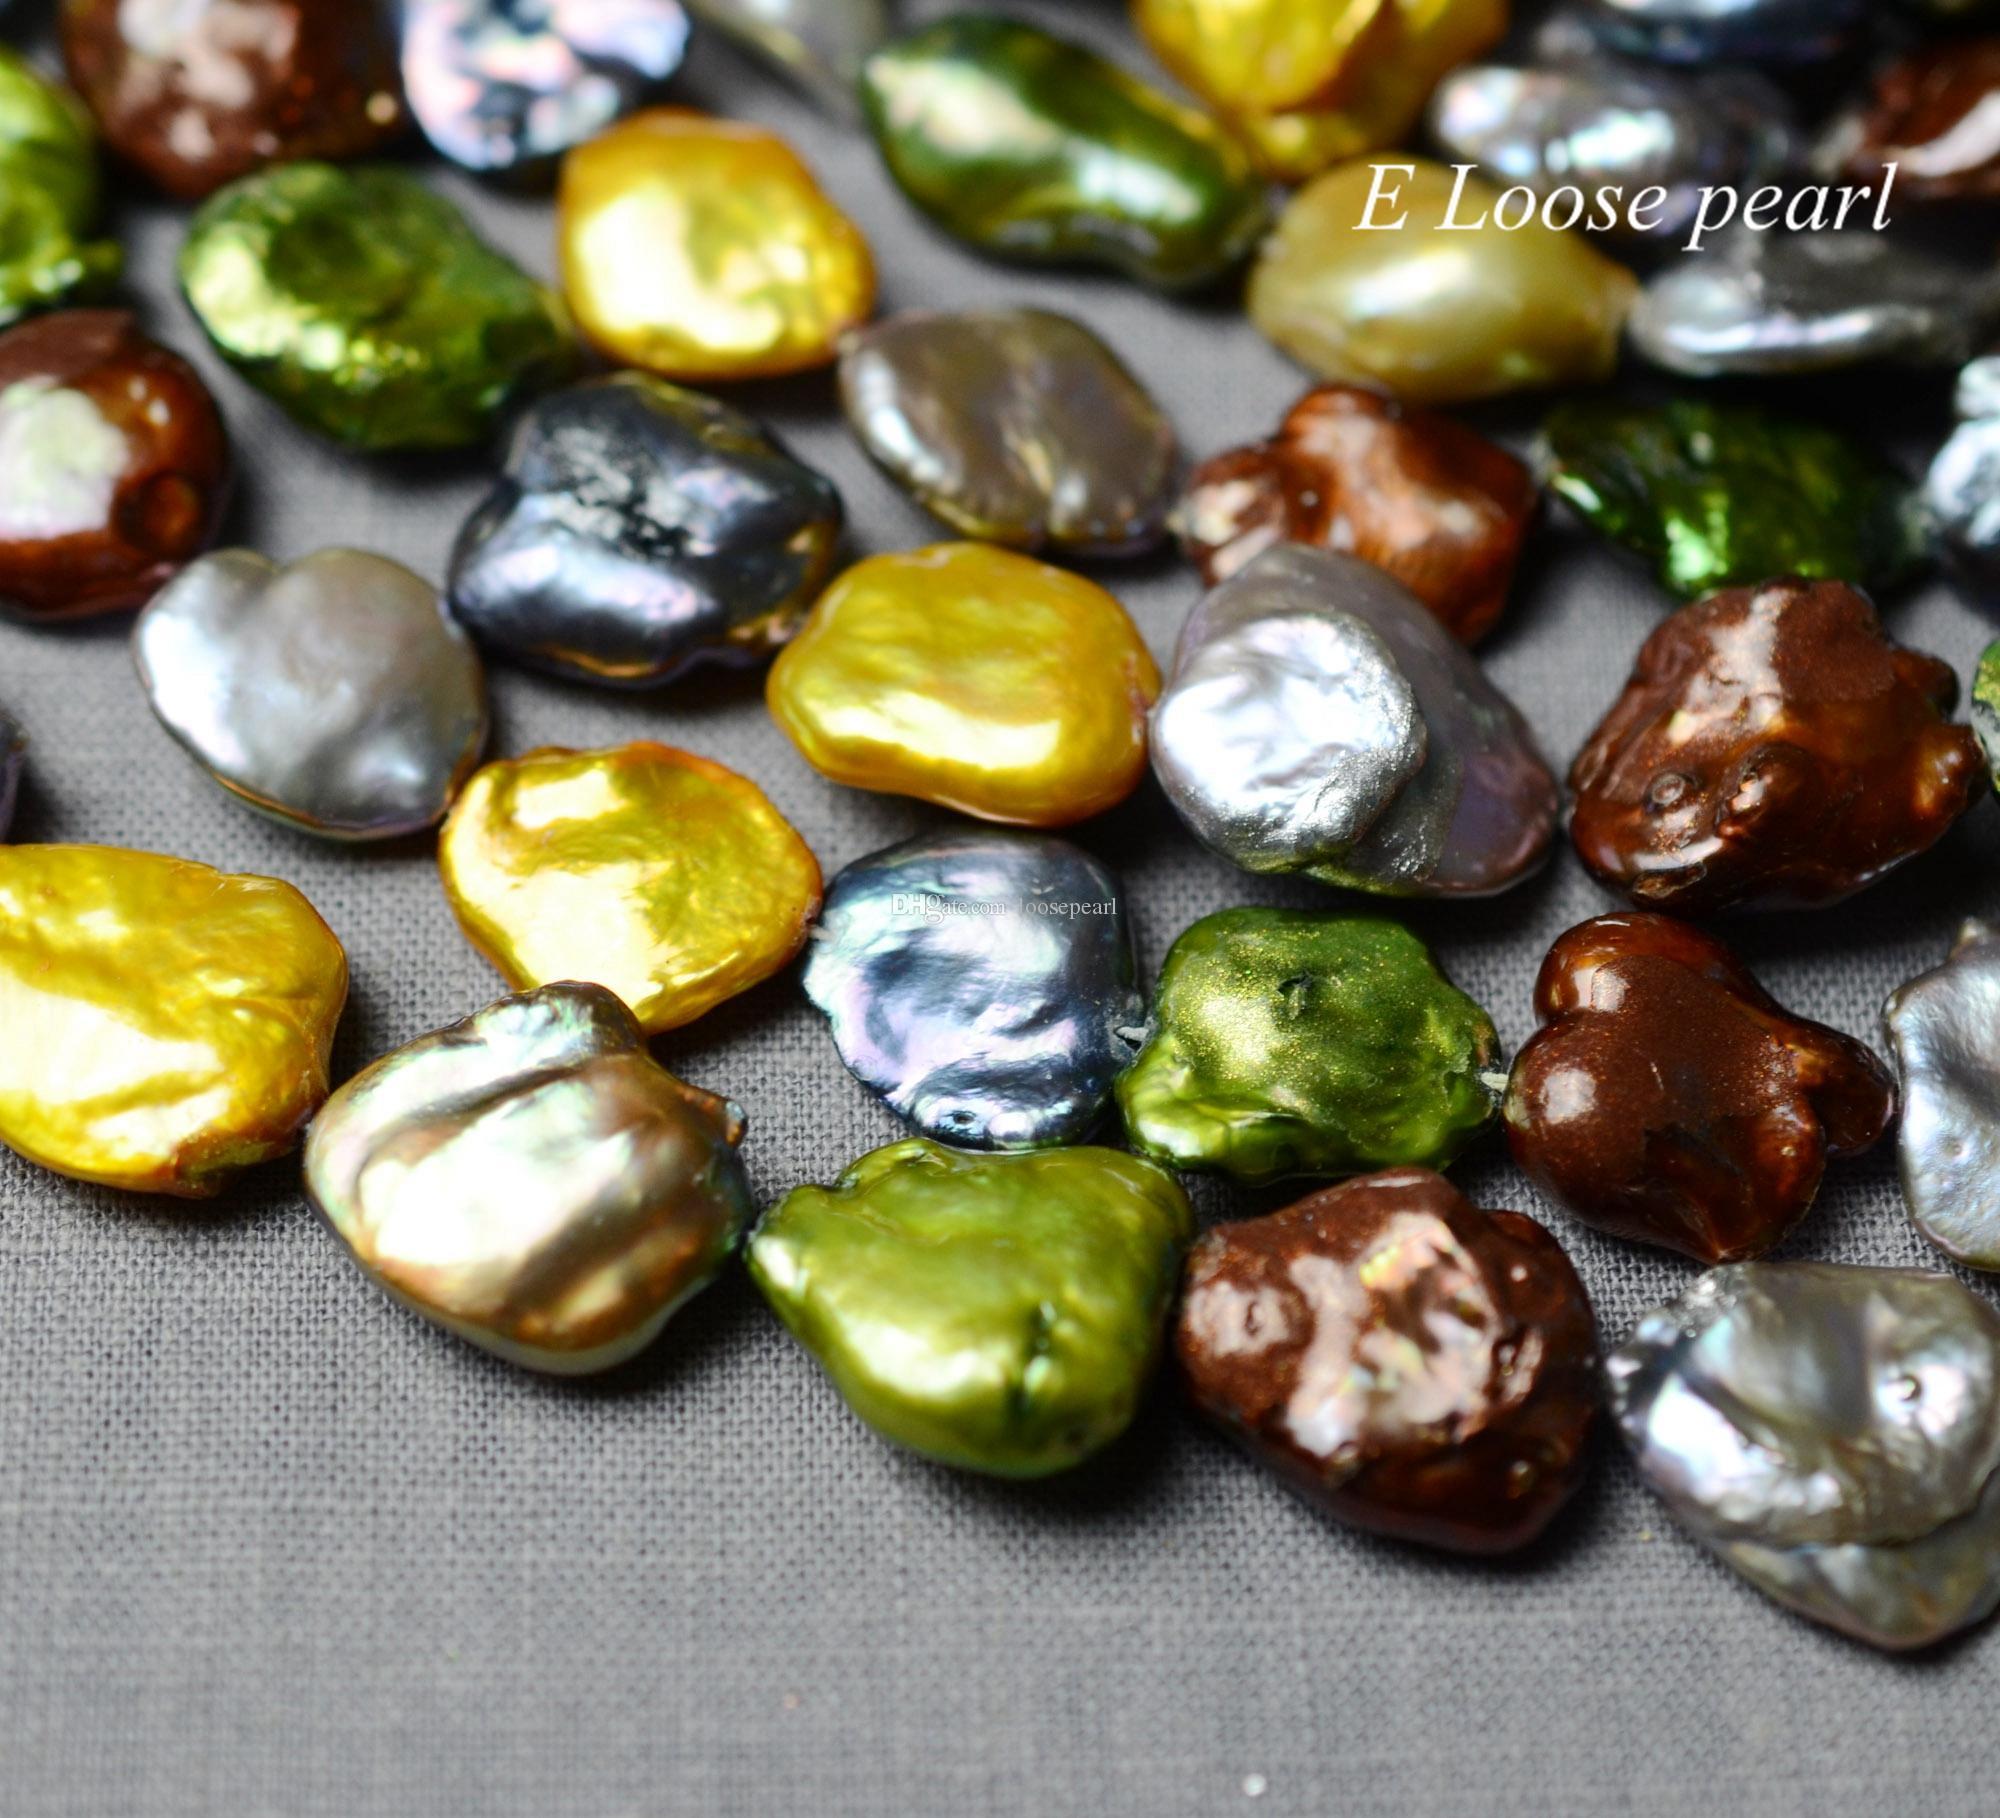 Biwa perle 15-17mm Grande perle d'eau douce boucle d'oreille de perles trou gros perle perles en vrac collier pleine Keshi Strand PL4474